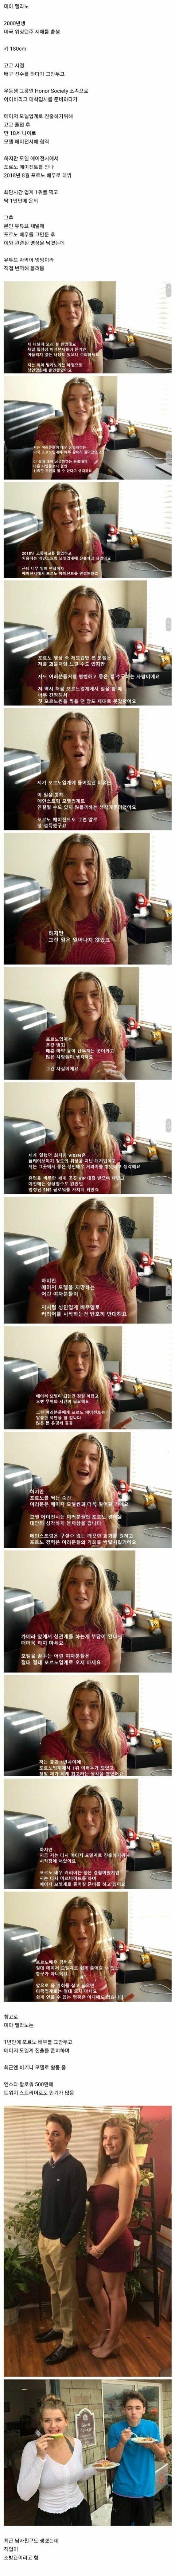 ㅇㅎ))) 전직 포르노 배우의 충고 ㅎㄷㄷ..jpg